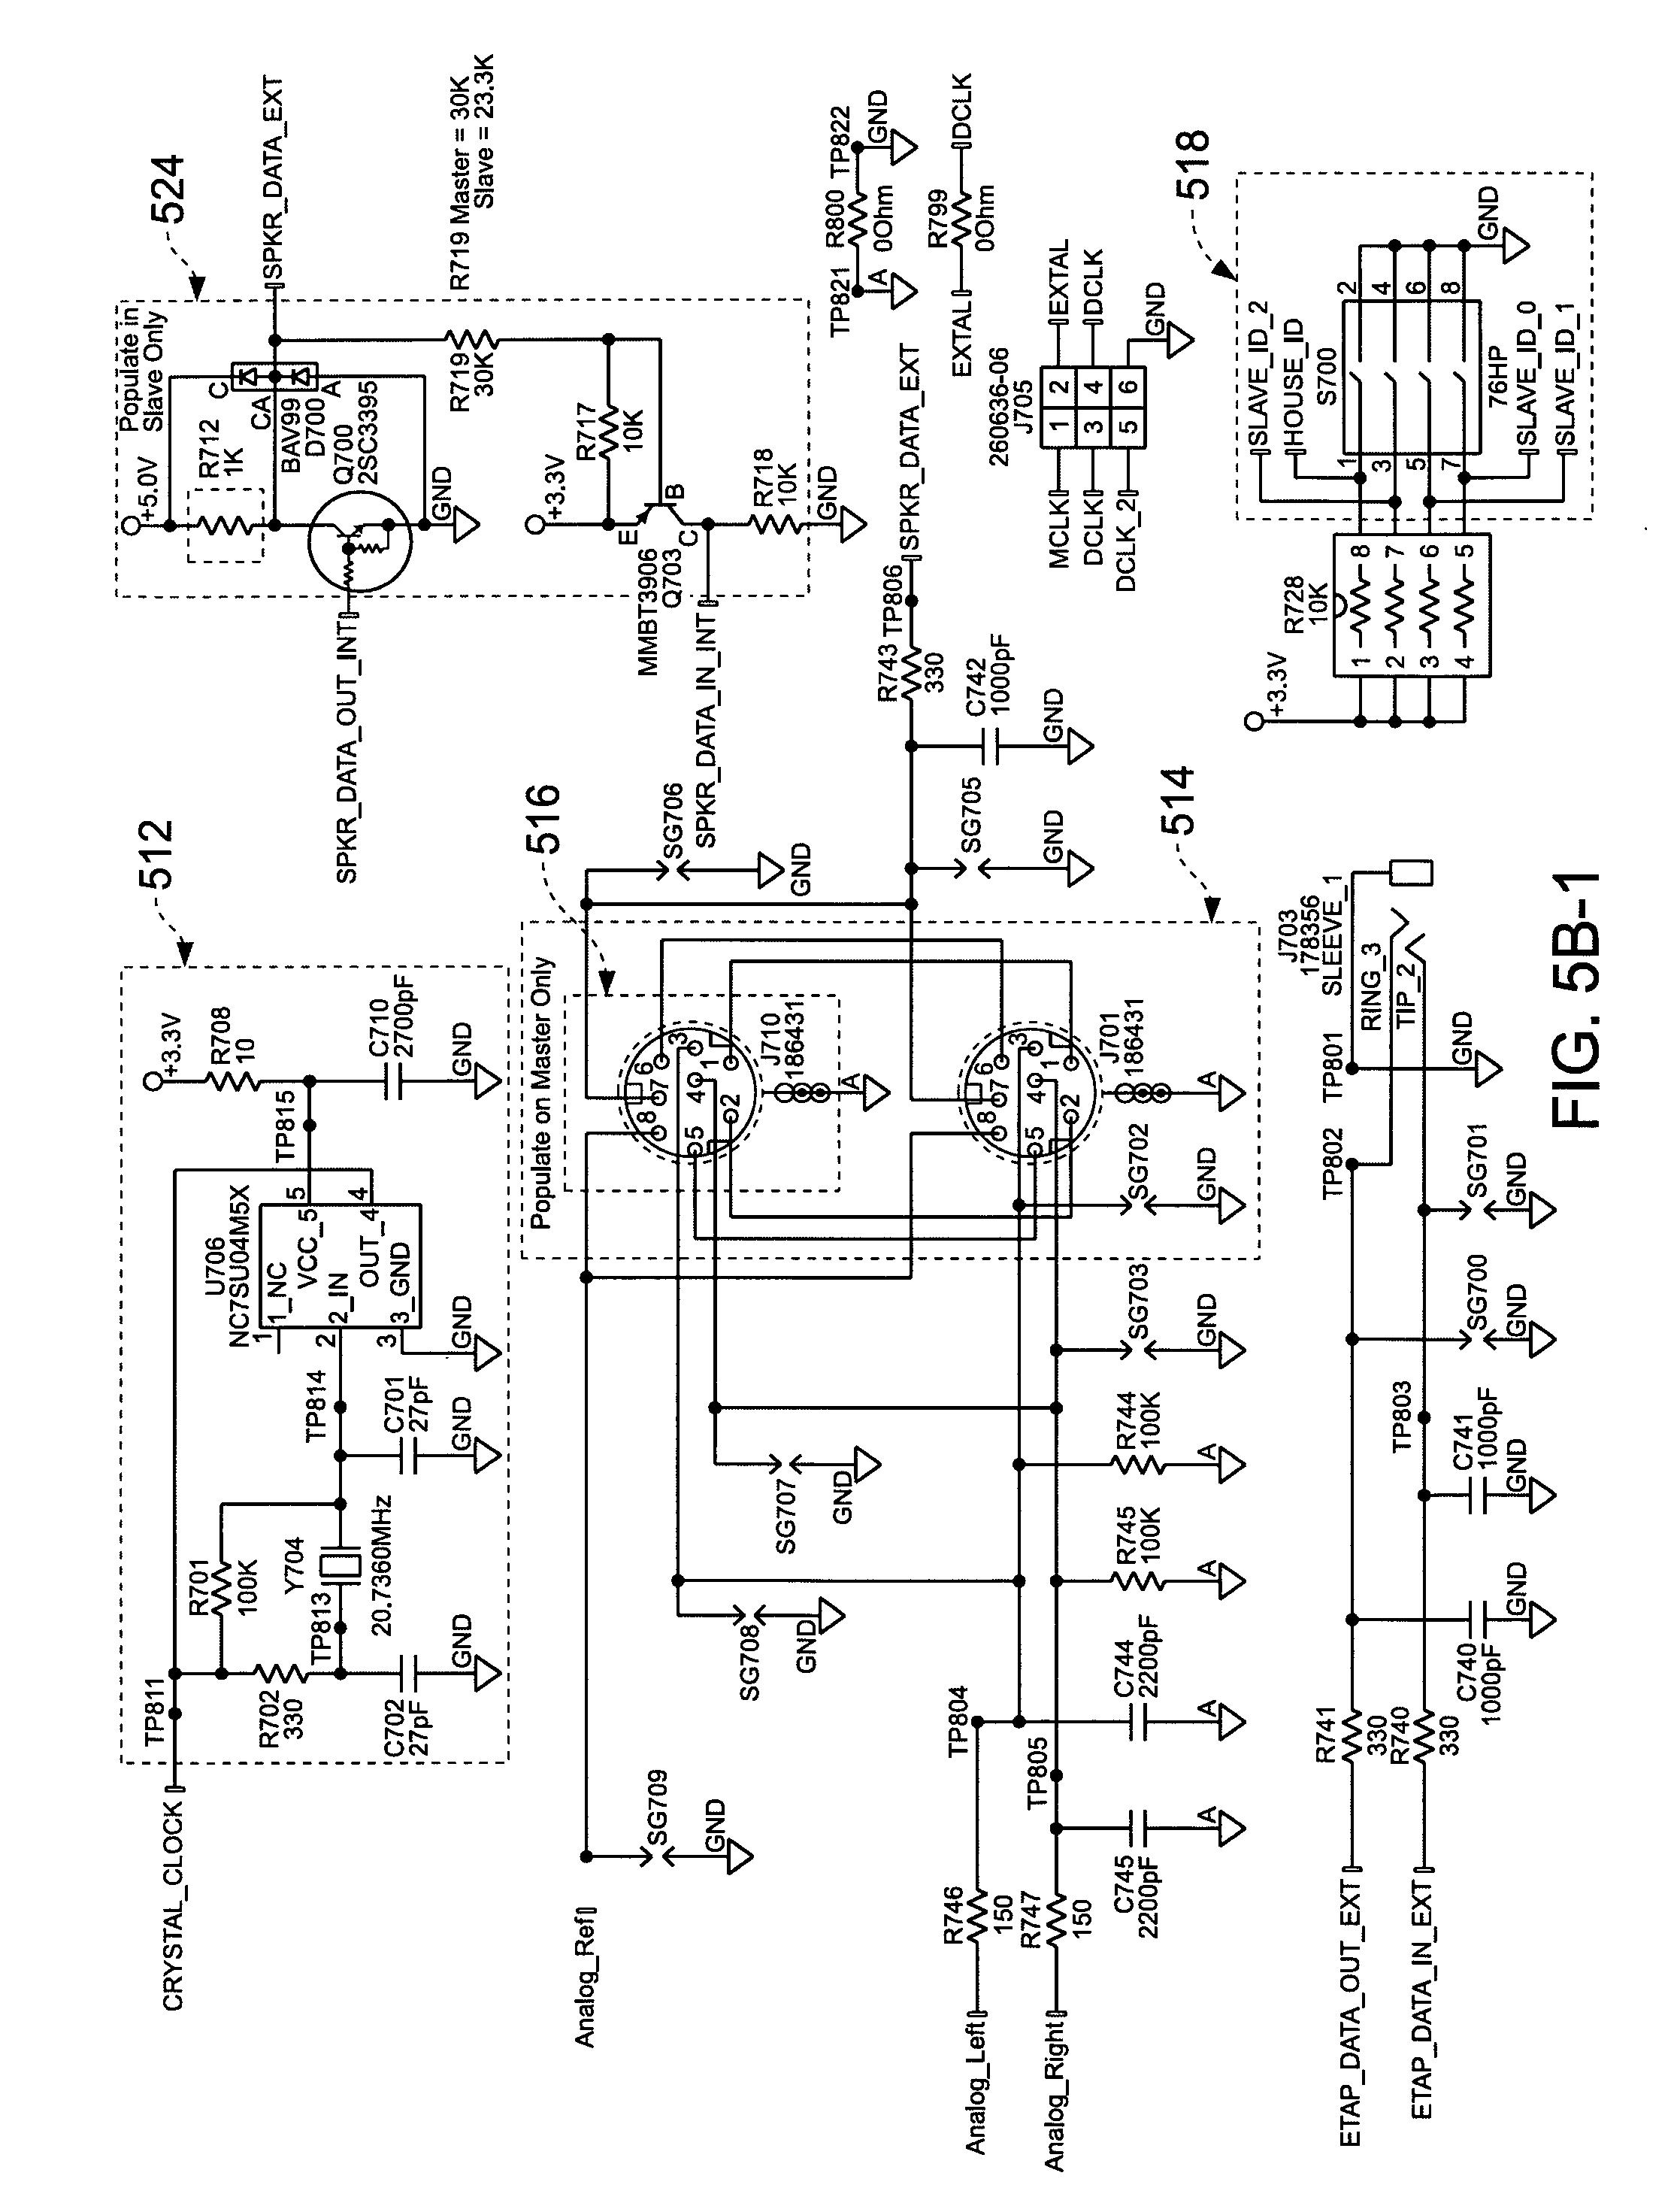 bose sounddock wiring diagram wiring diagrams